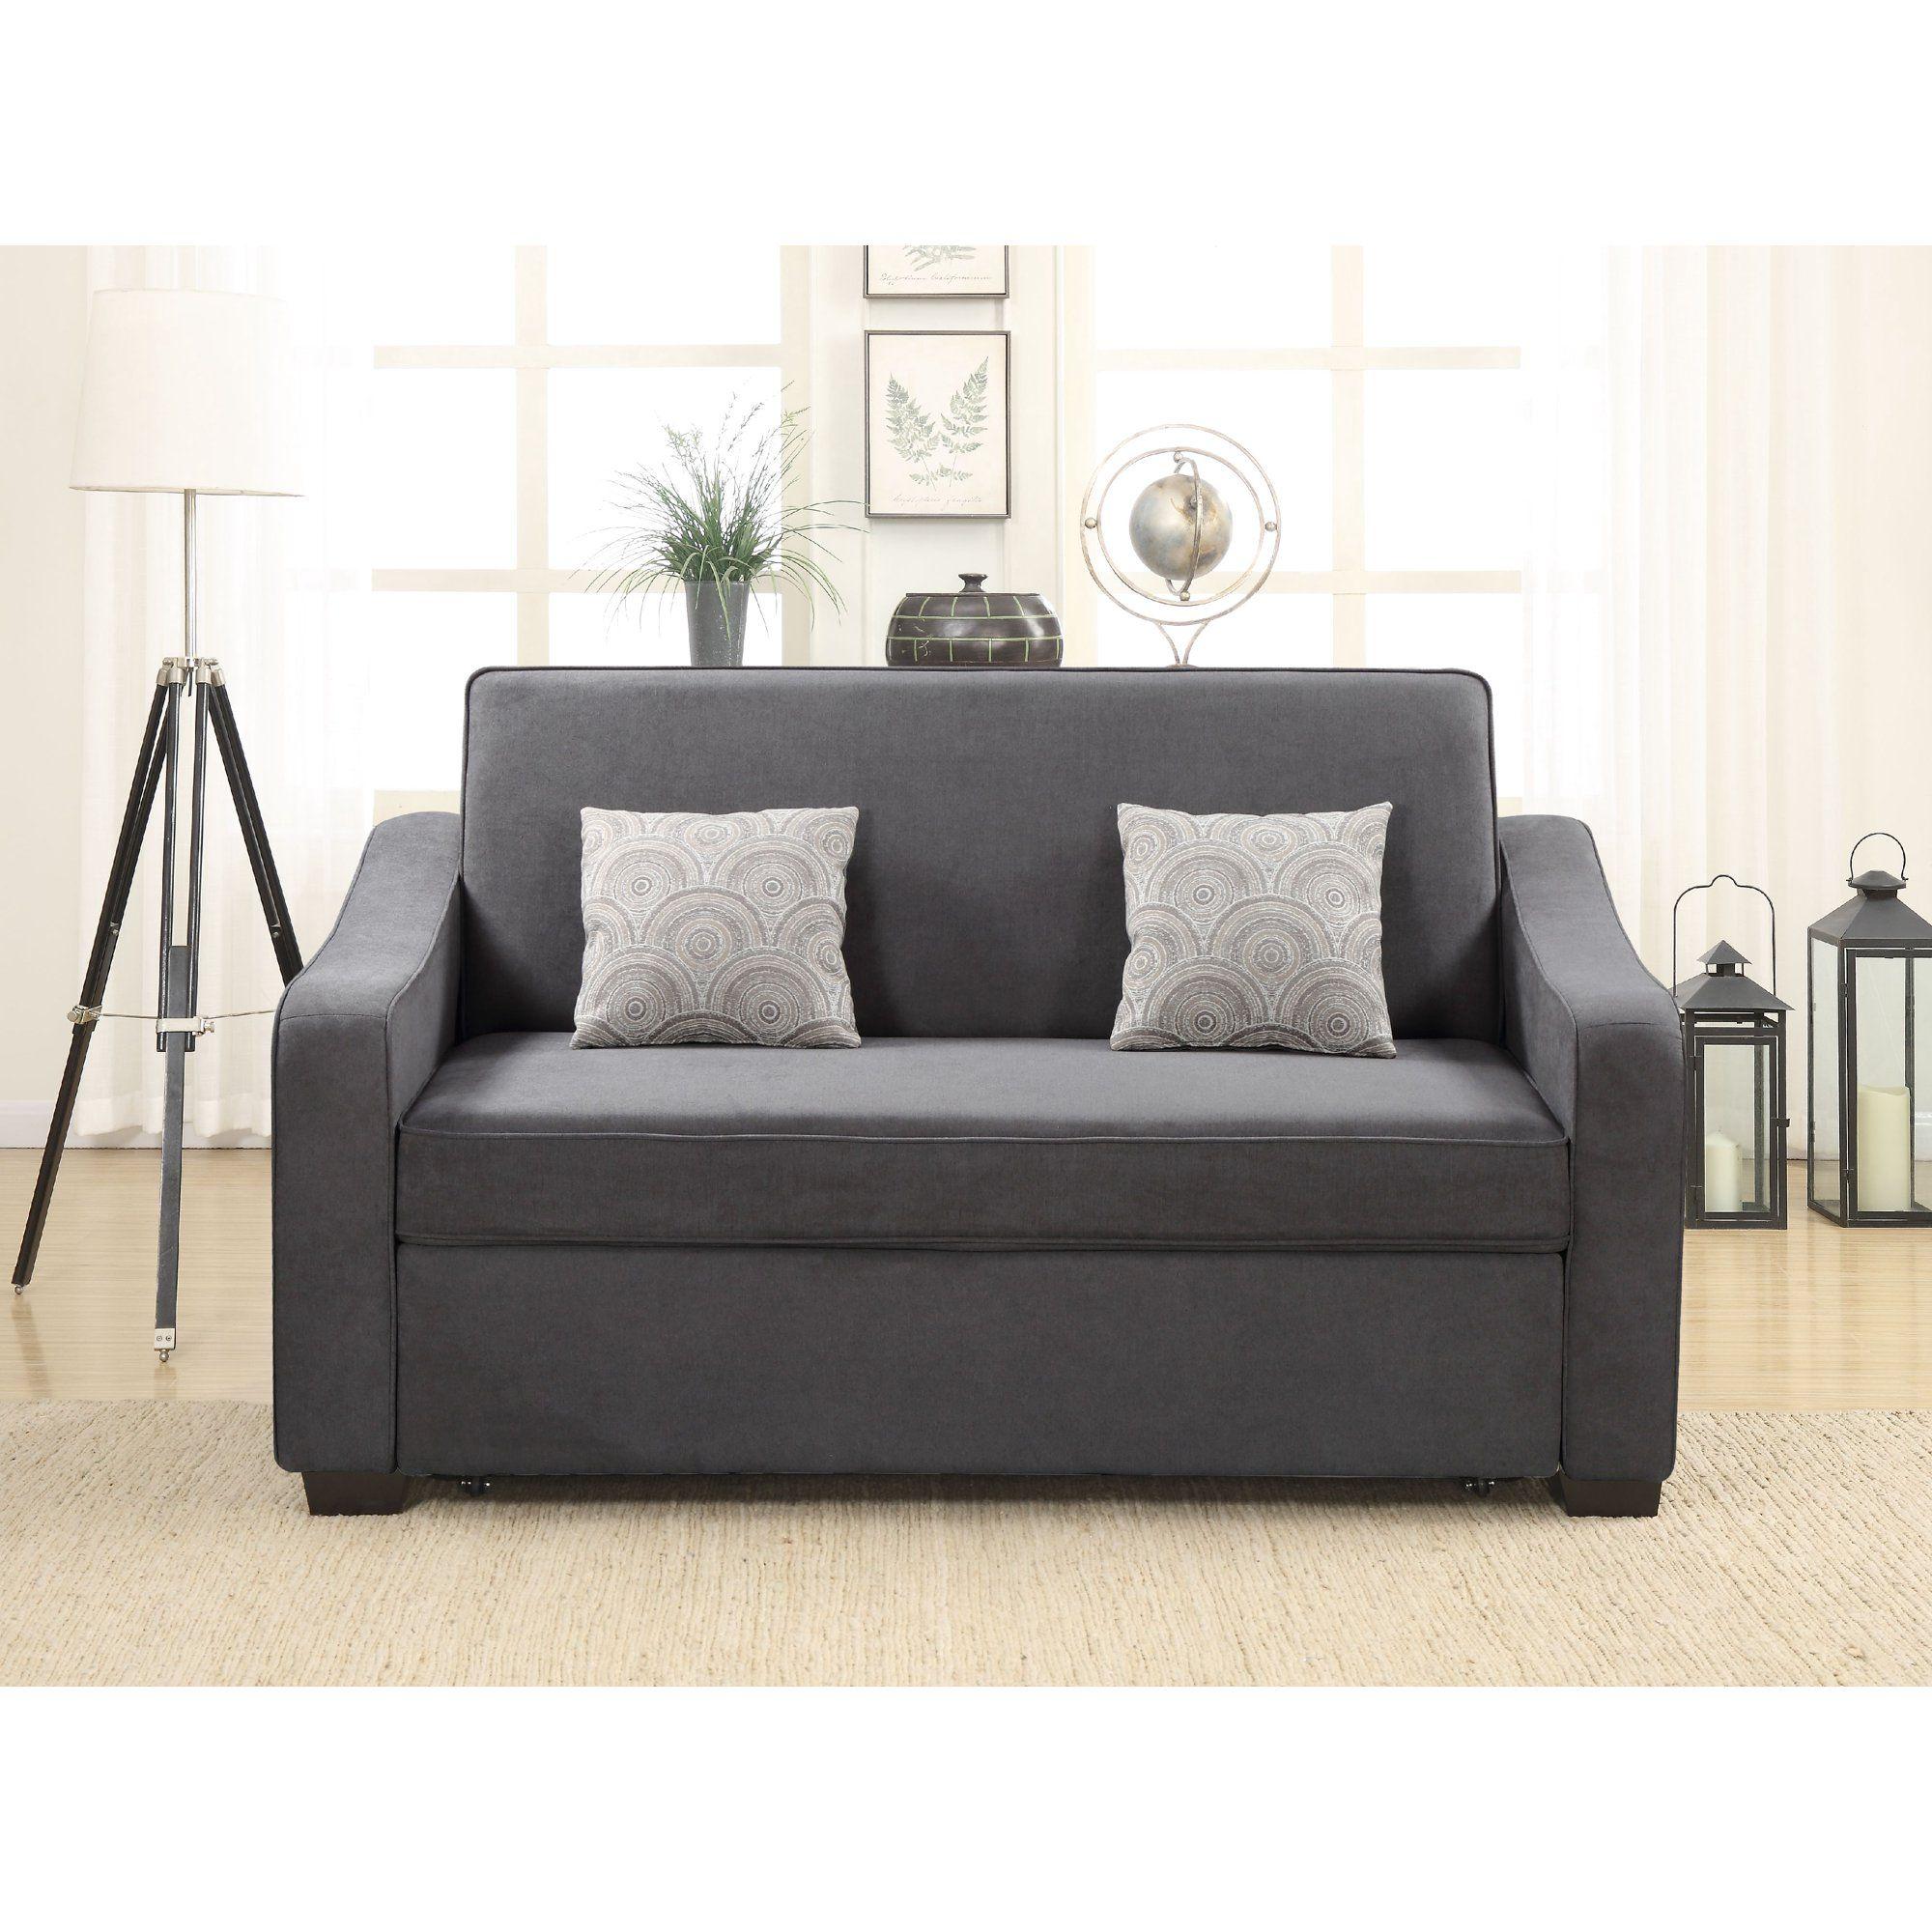 Novogratz Vintage Tufted Split Back Sofa Bed, Gray